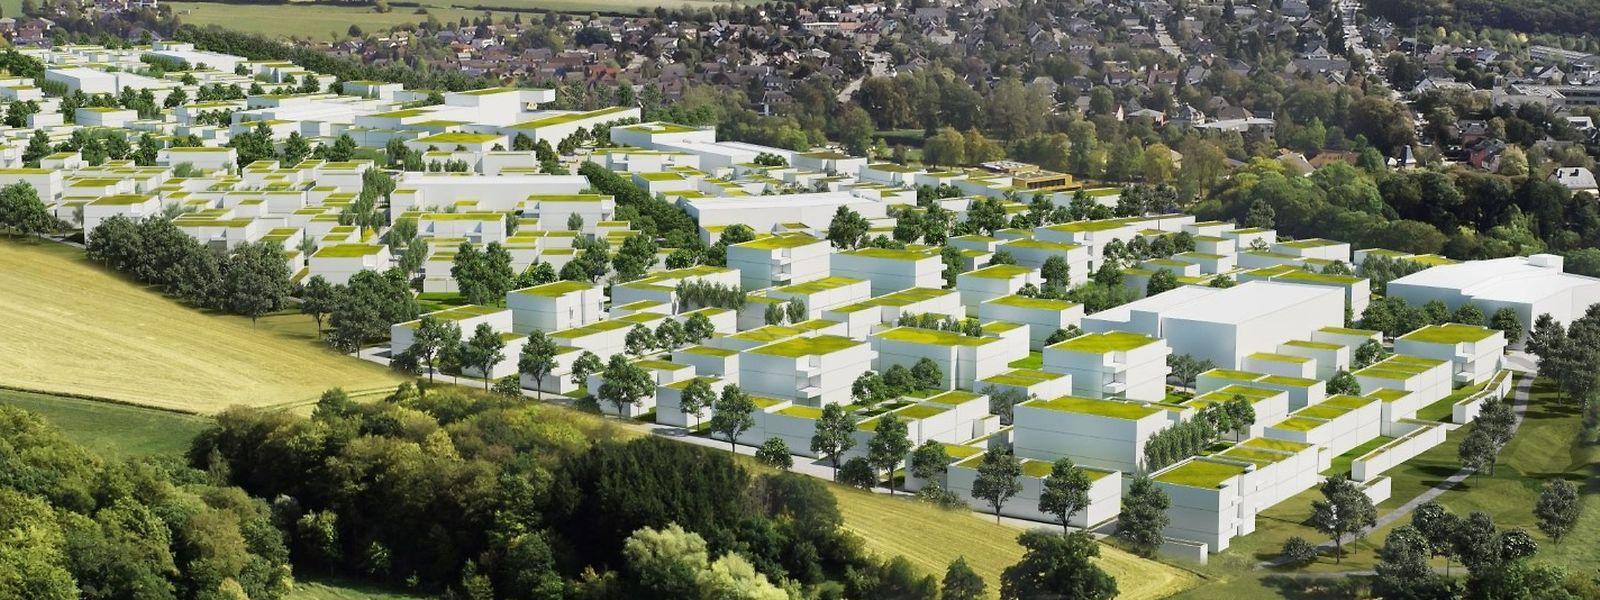 A compter de 2021, les premières habitations d'Elmen devraient être habitées, selon les prévisions de la SNHBM.